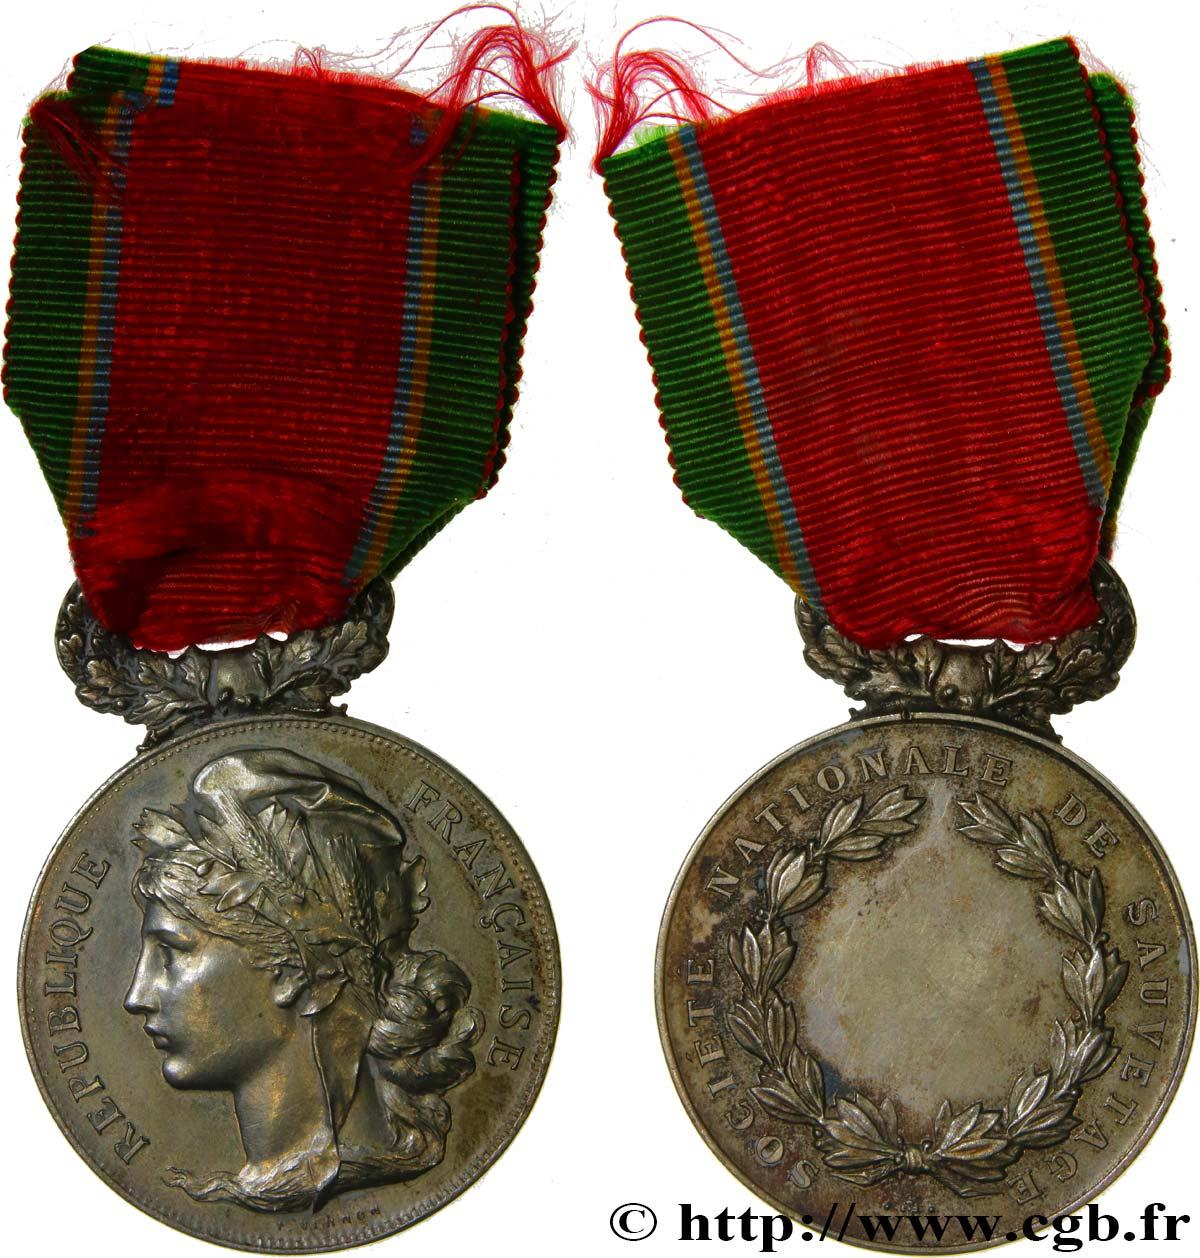 Dritte franzosische republik d coration de la soci t nationale de sauvetage fme 444081 medaillen - Franzosische dekoration ...